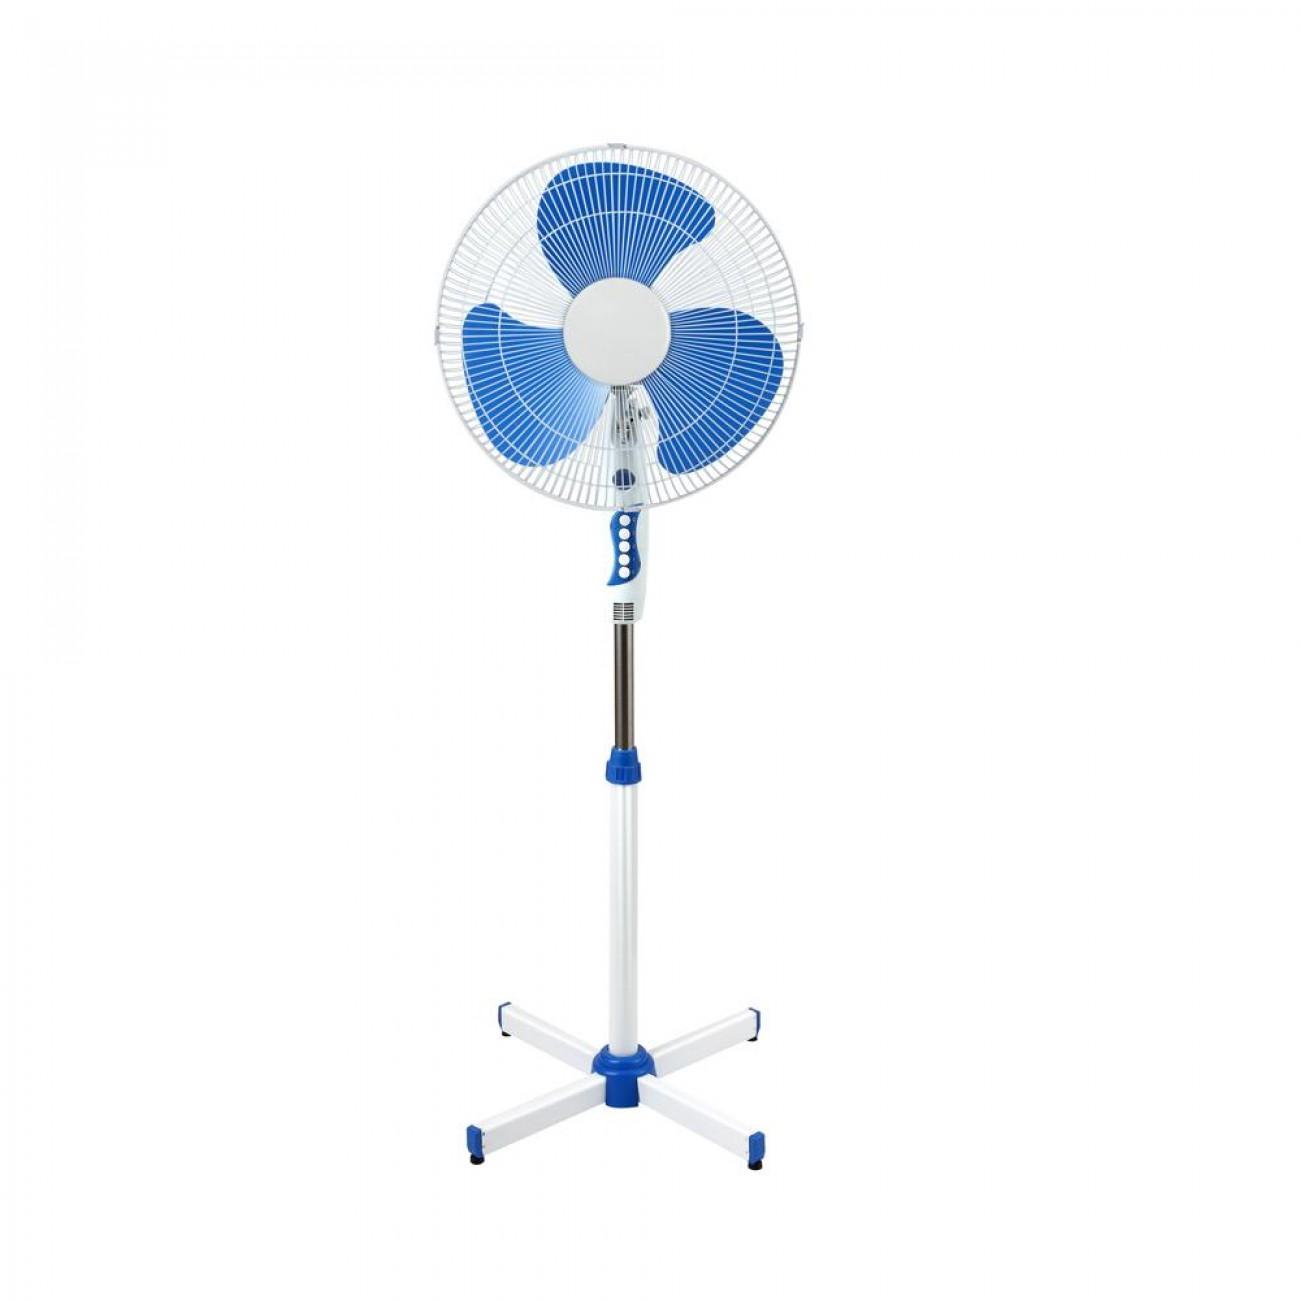 Вентилатор на стойка SAPIR SP 1760 B, 40W, 40 см, 3 степени, Регулиране на височината, Решетка - спици, бял/син в Вентилатори - SAPIR   Alleop